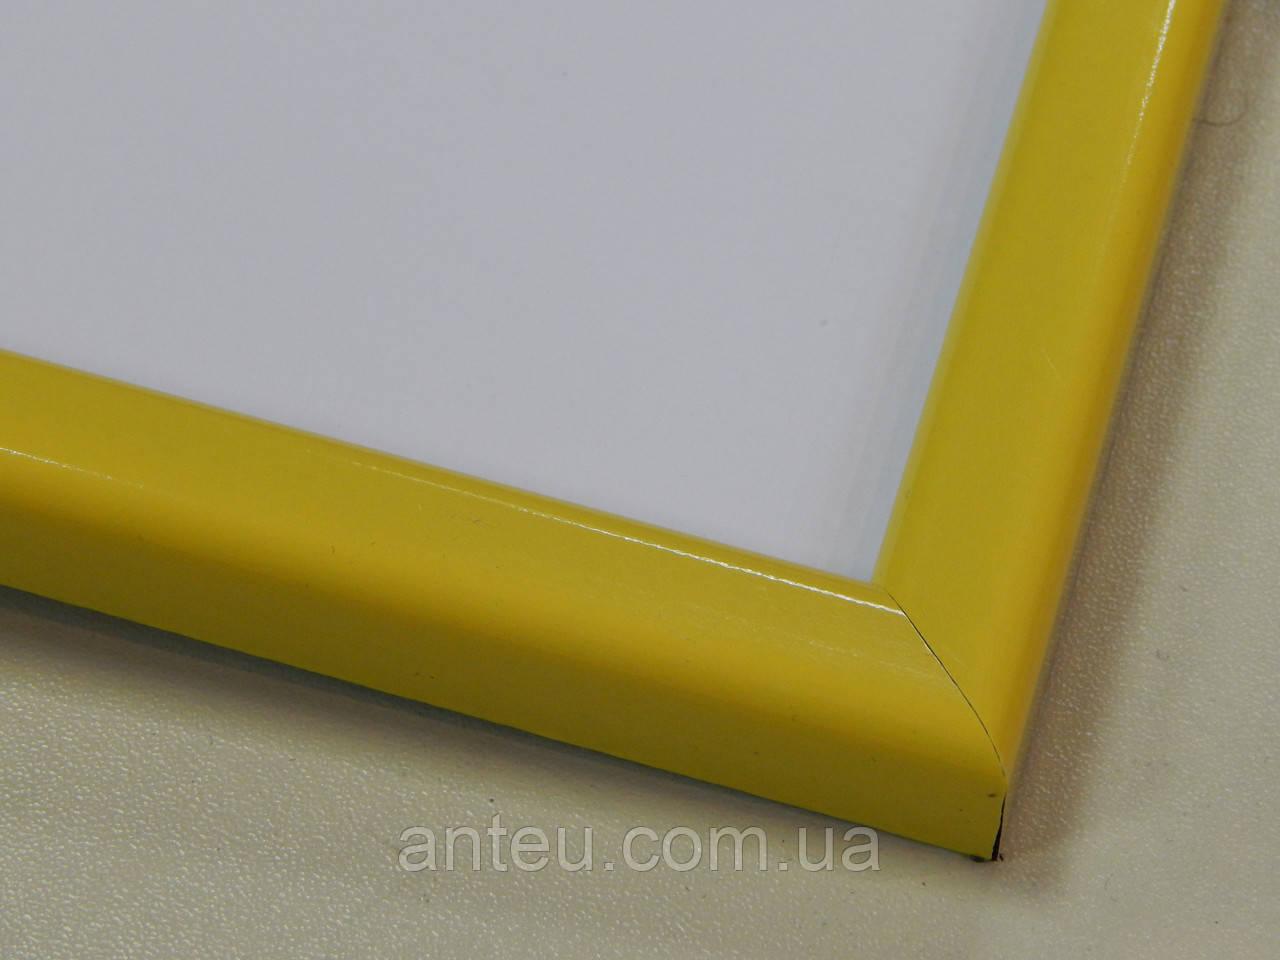 Рамка А4 (297х210).Рамка пластиковая 14 мм.Желтый.